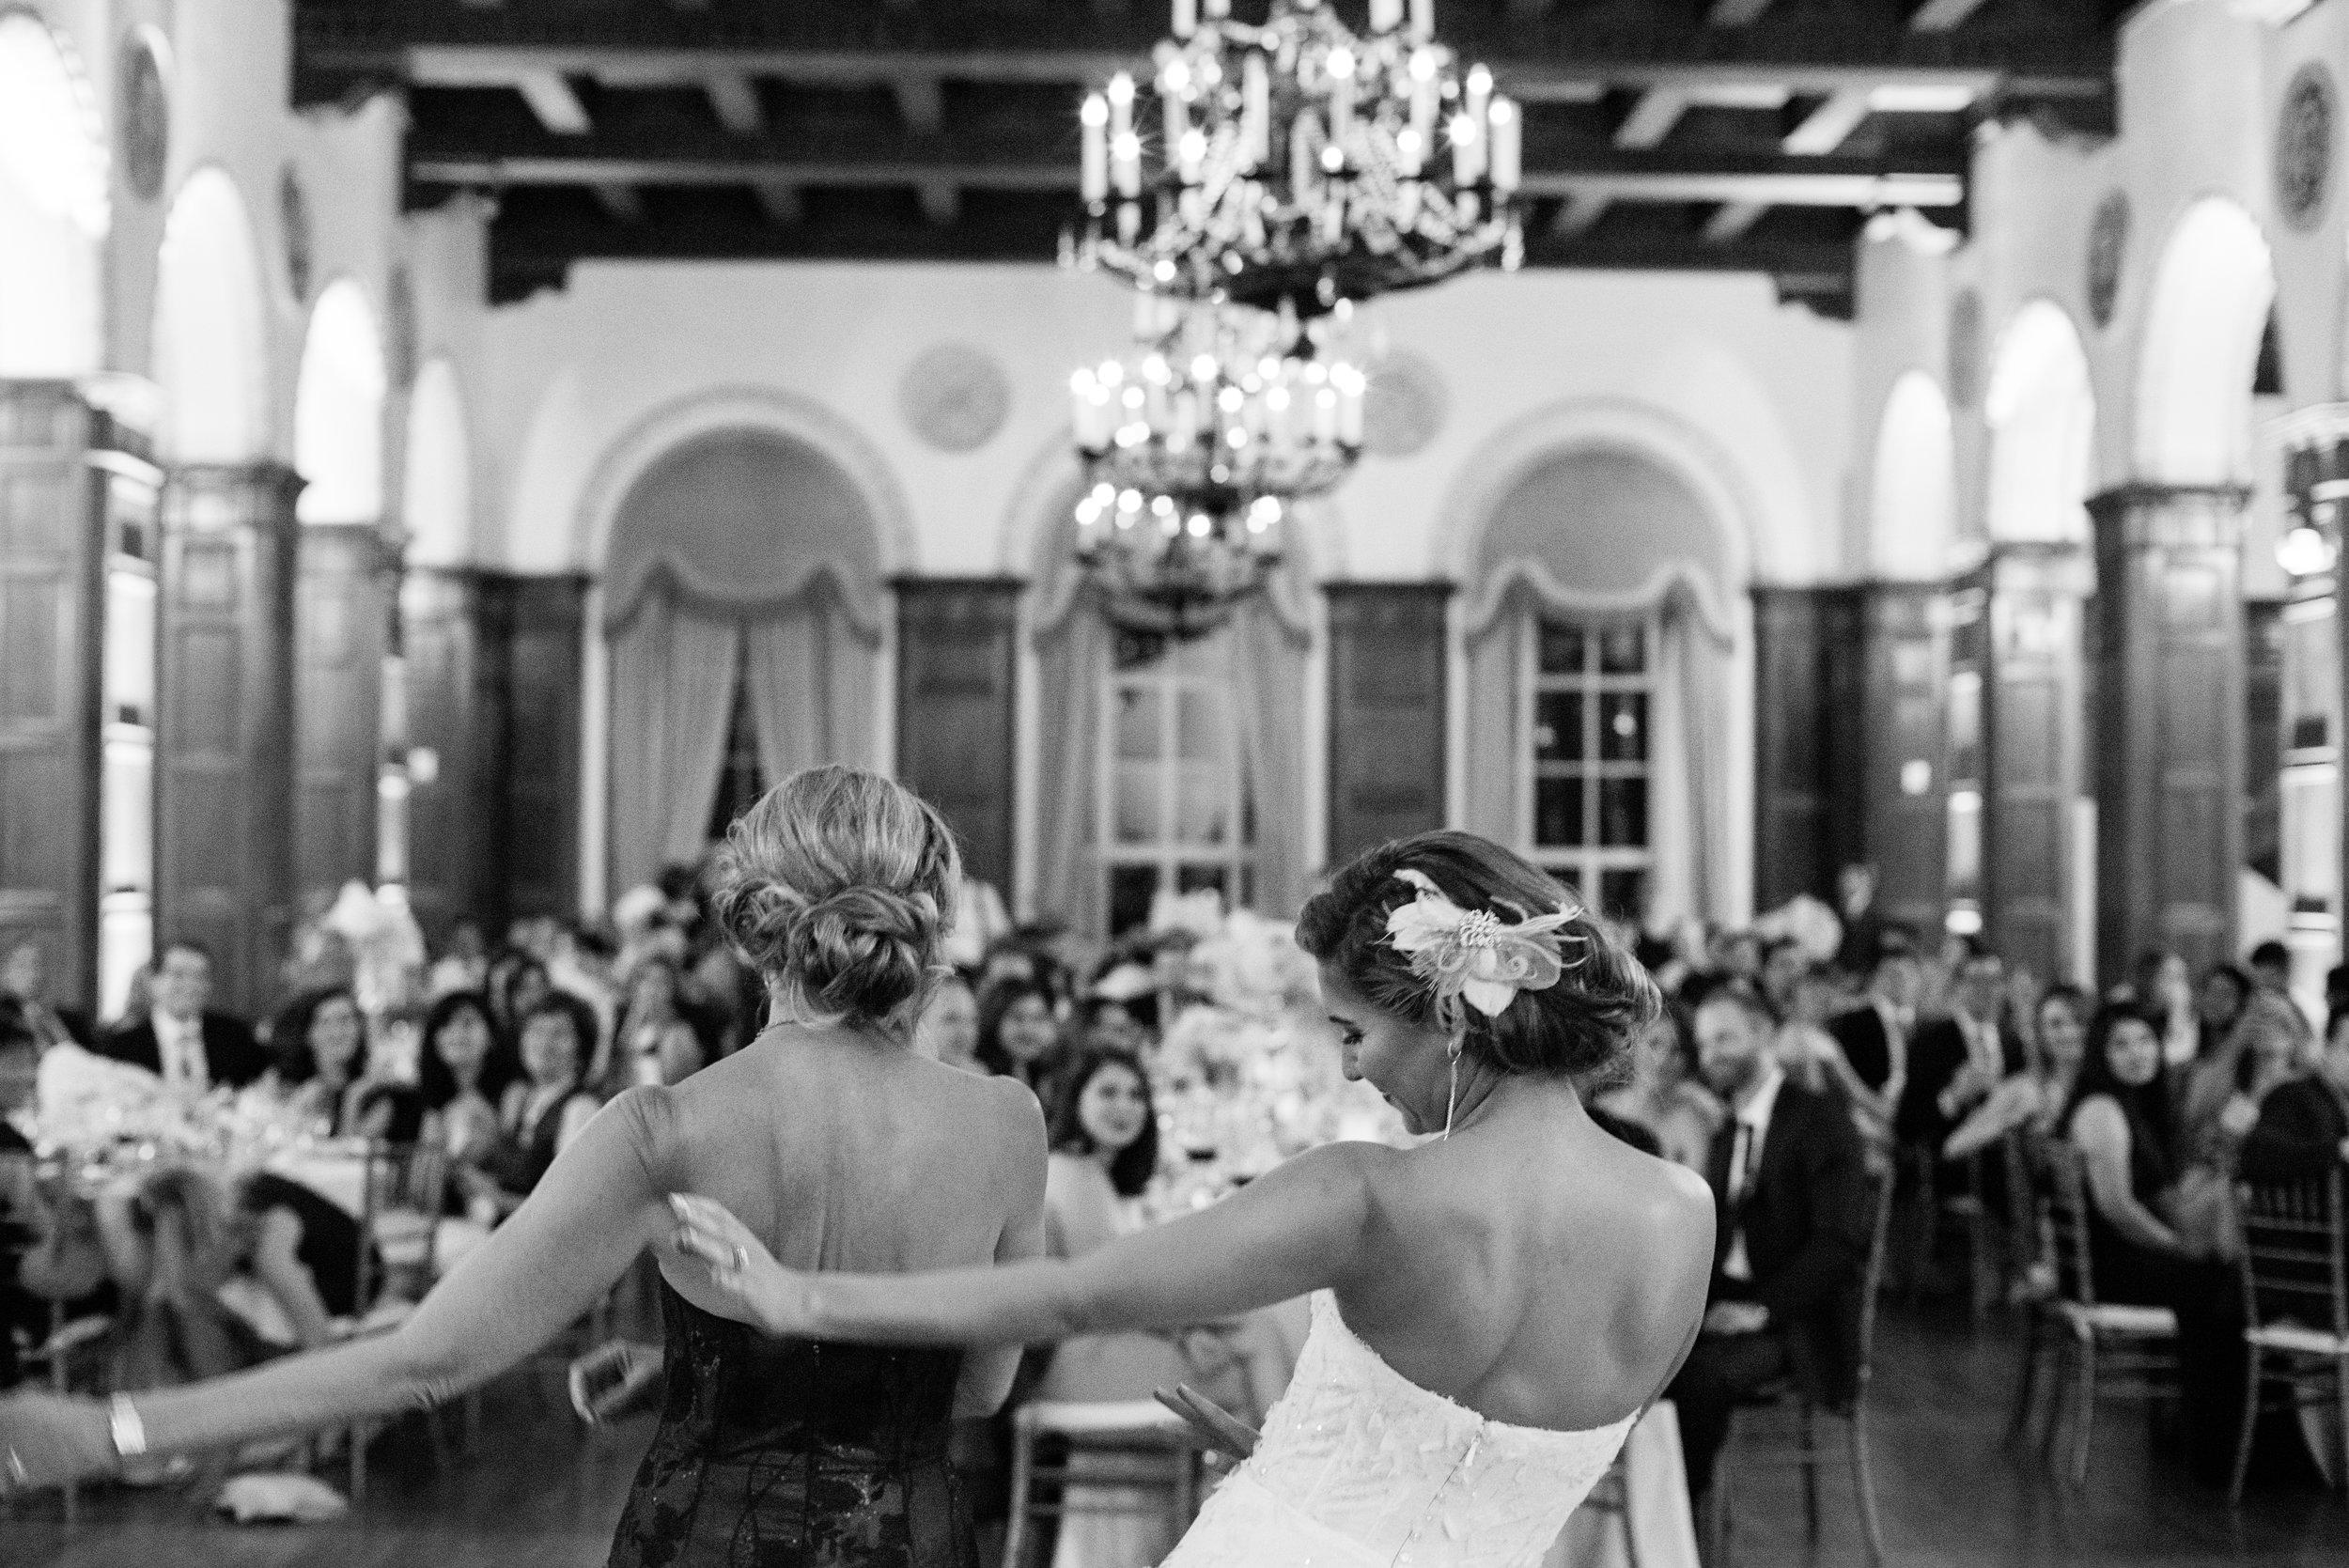 Park-Plaza-wedding_greg_ross-REC-084.jpg